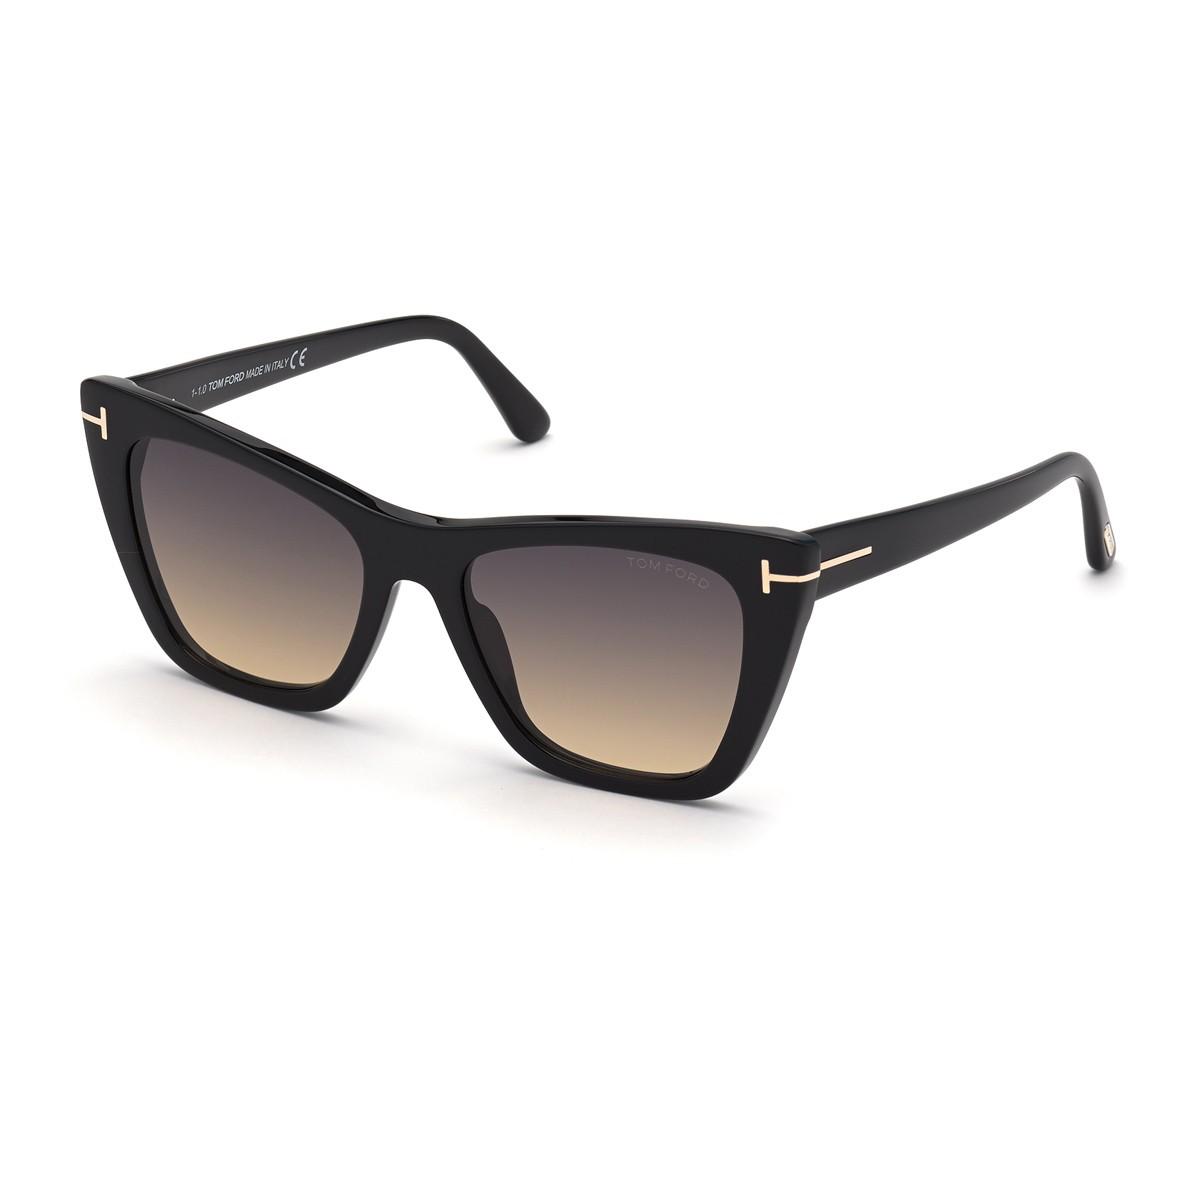 Tom Ford FT0846   Women's sunglasses